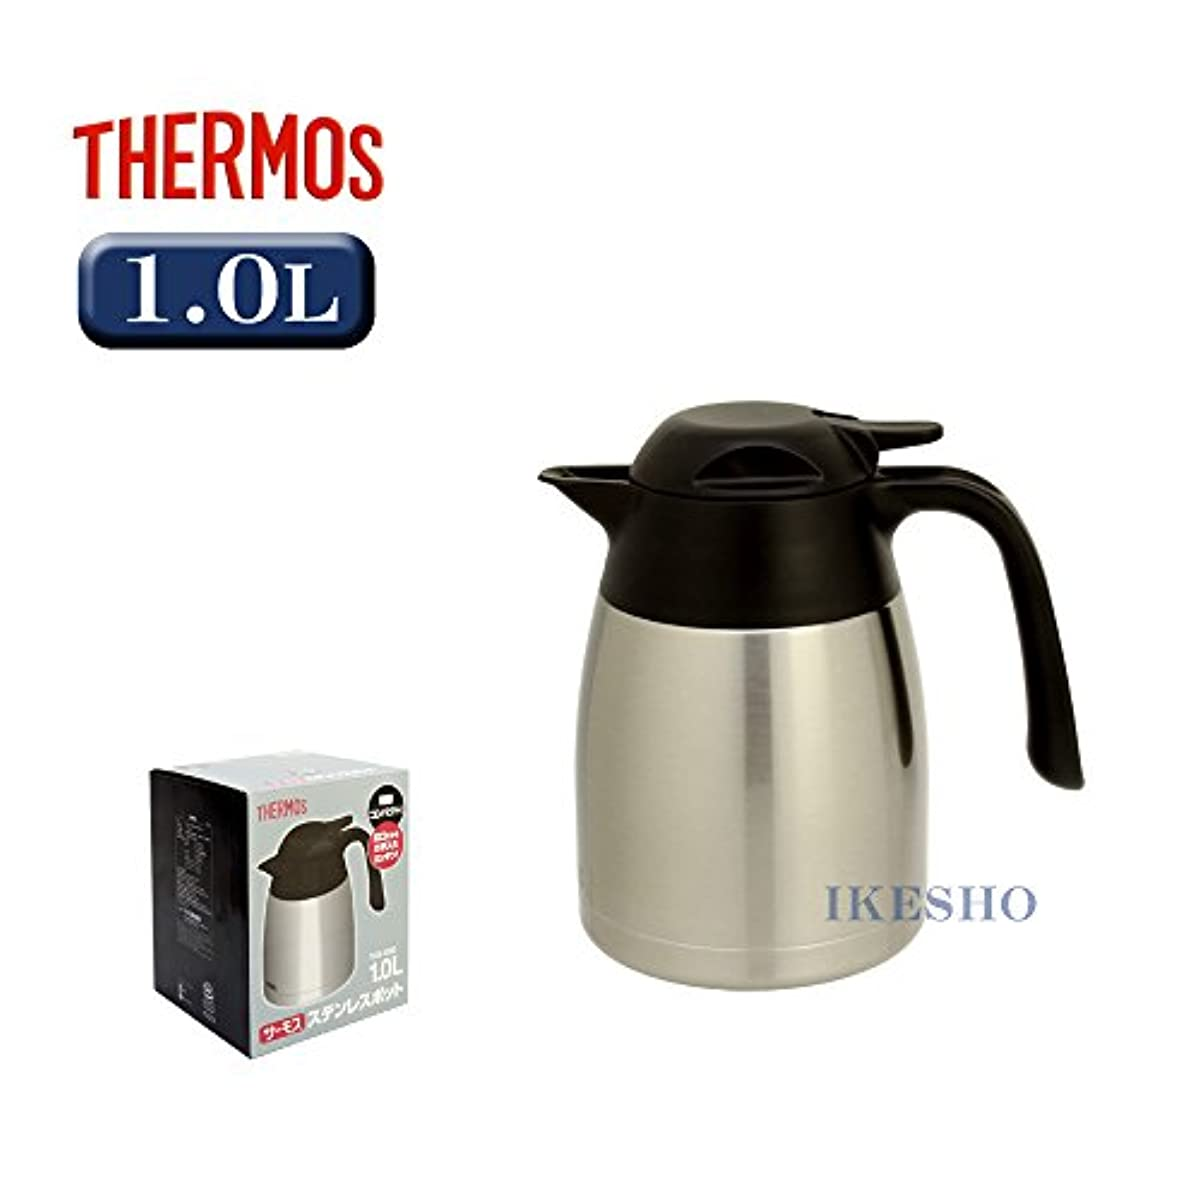 THERMOS 스테인레스 포트1.0리터 스테인레스 블랙 THX-1000-